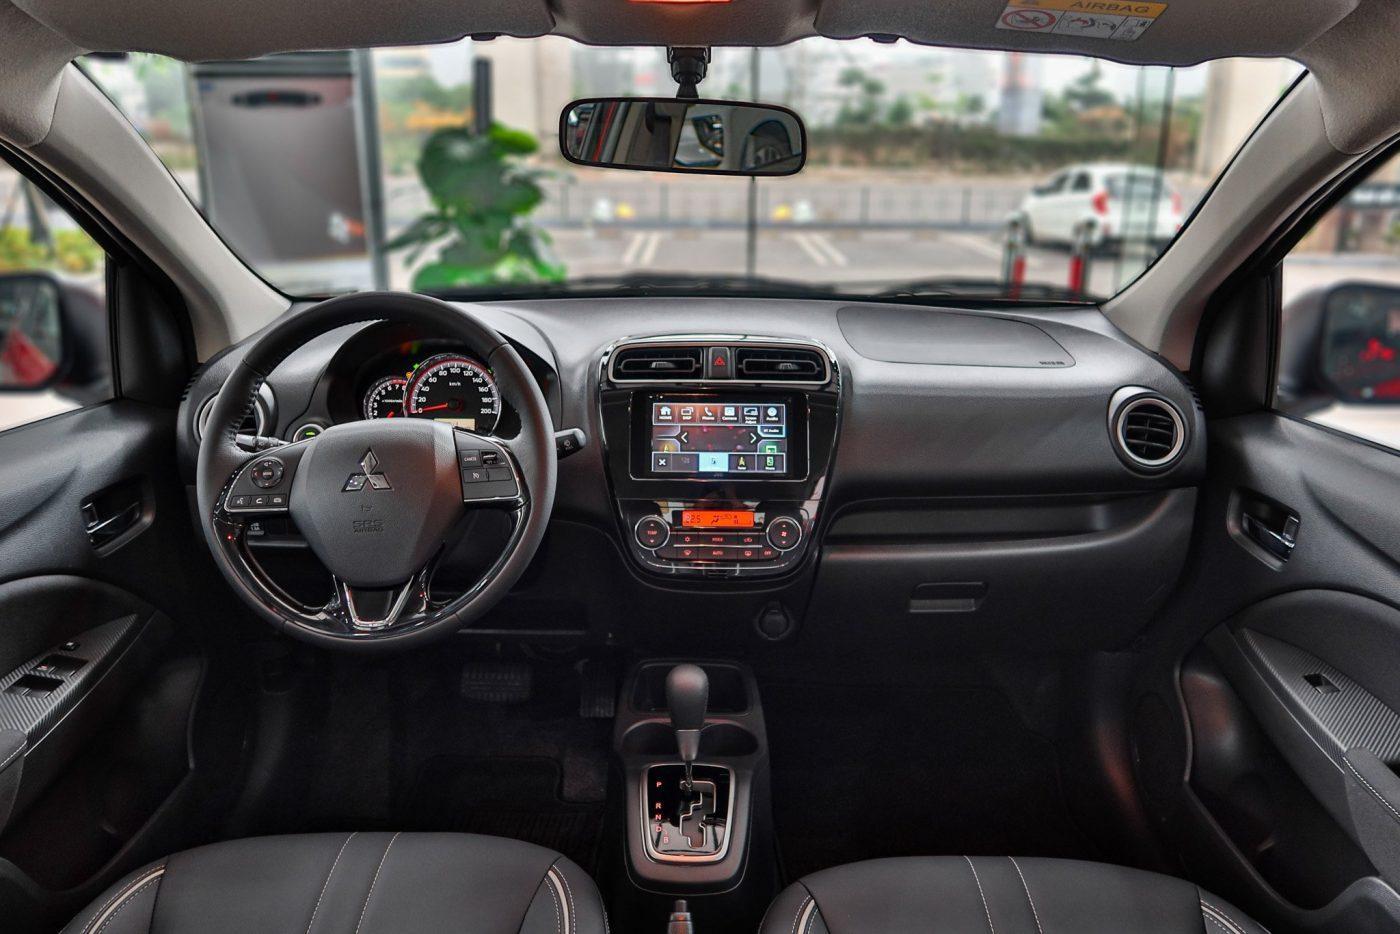 xe-attrage-2020